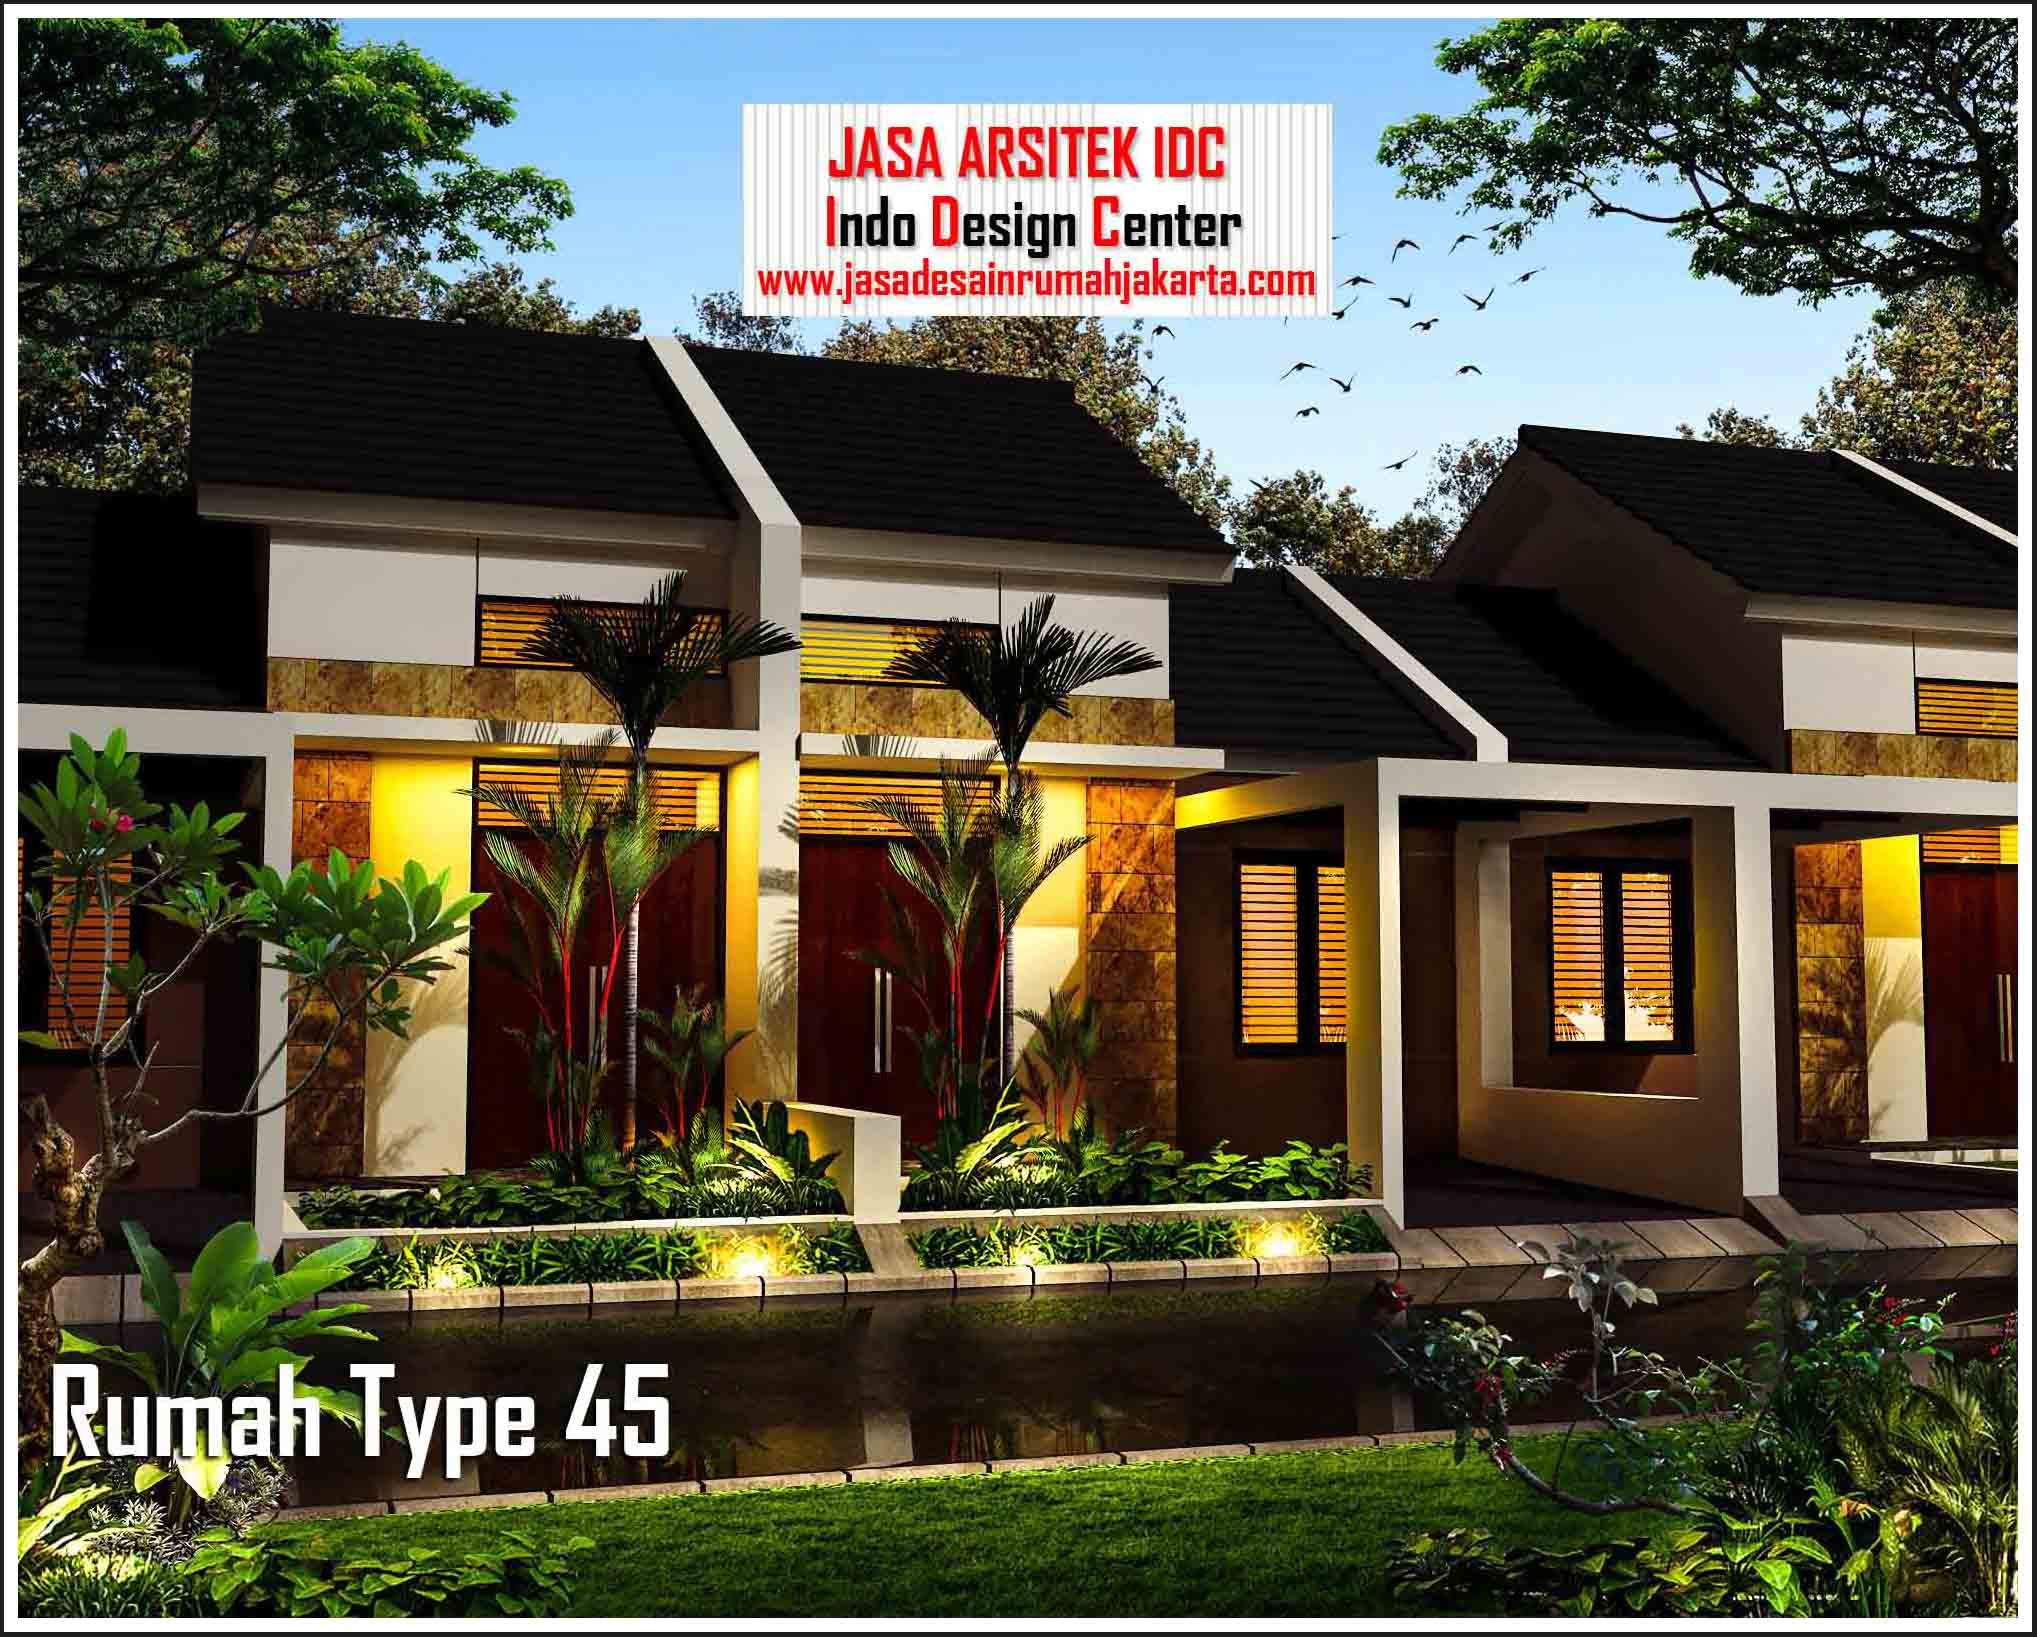 Desain Rumah Type 45 Arsip Jasa Desain Rumah Jakarta Jasa